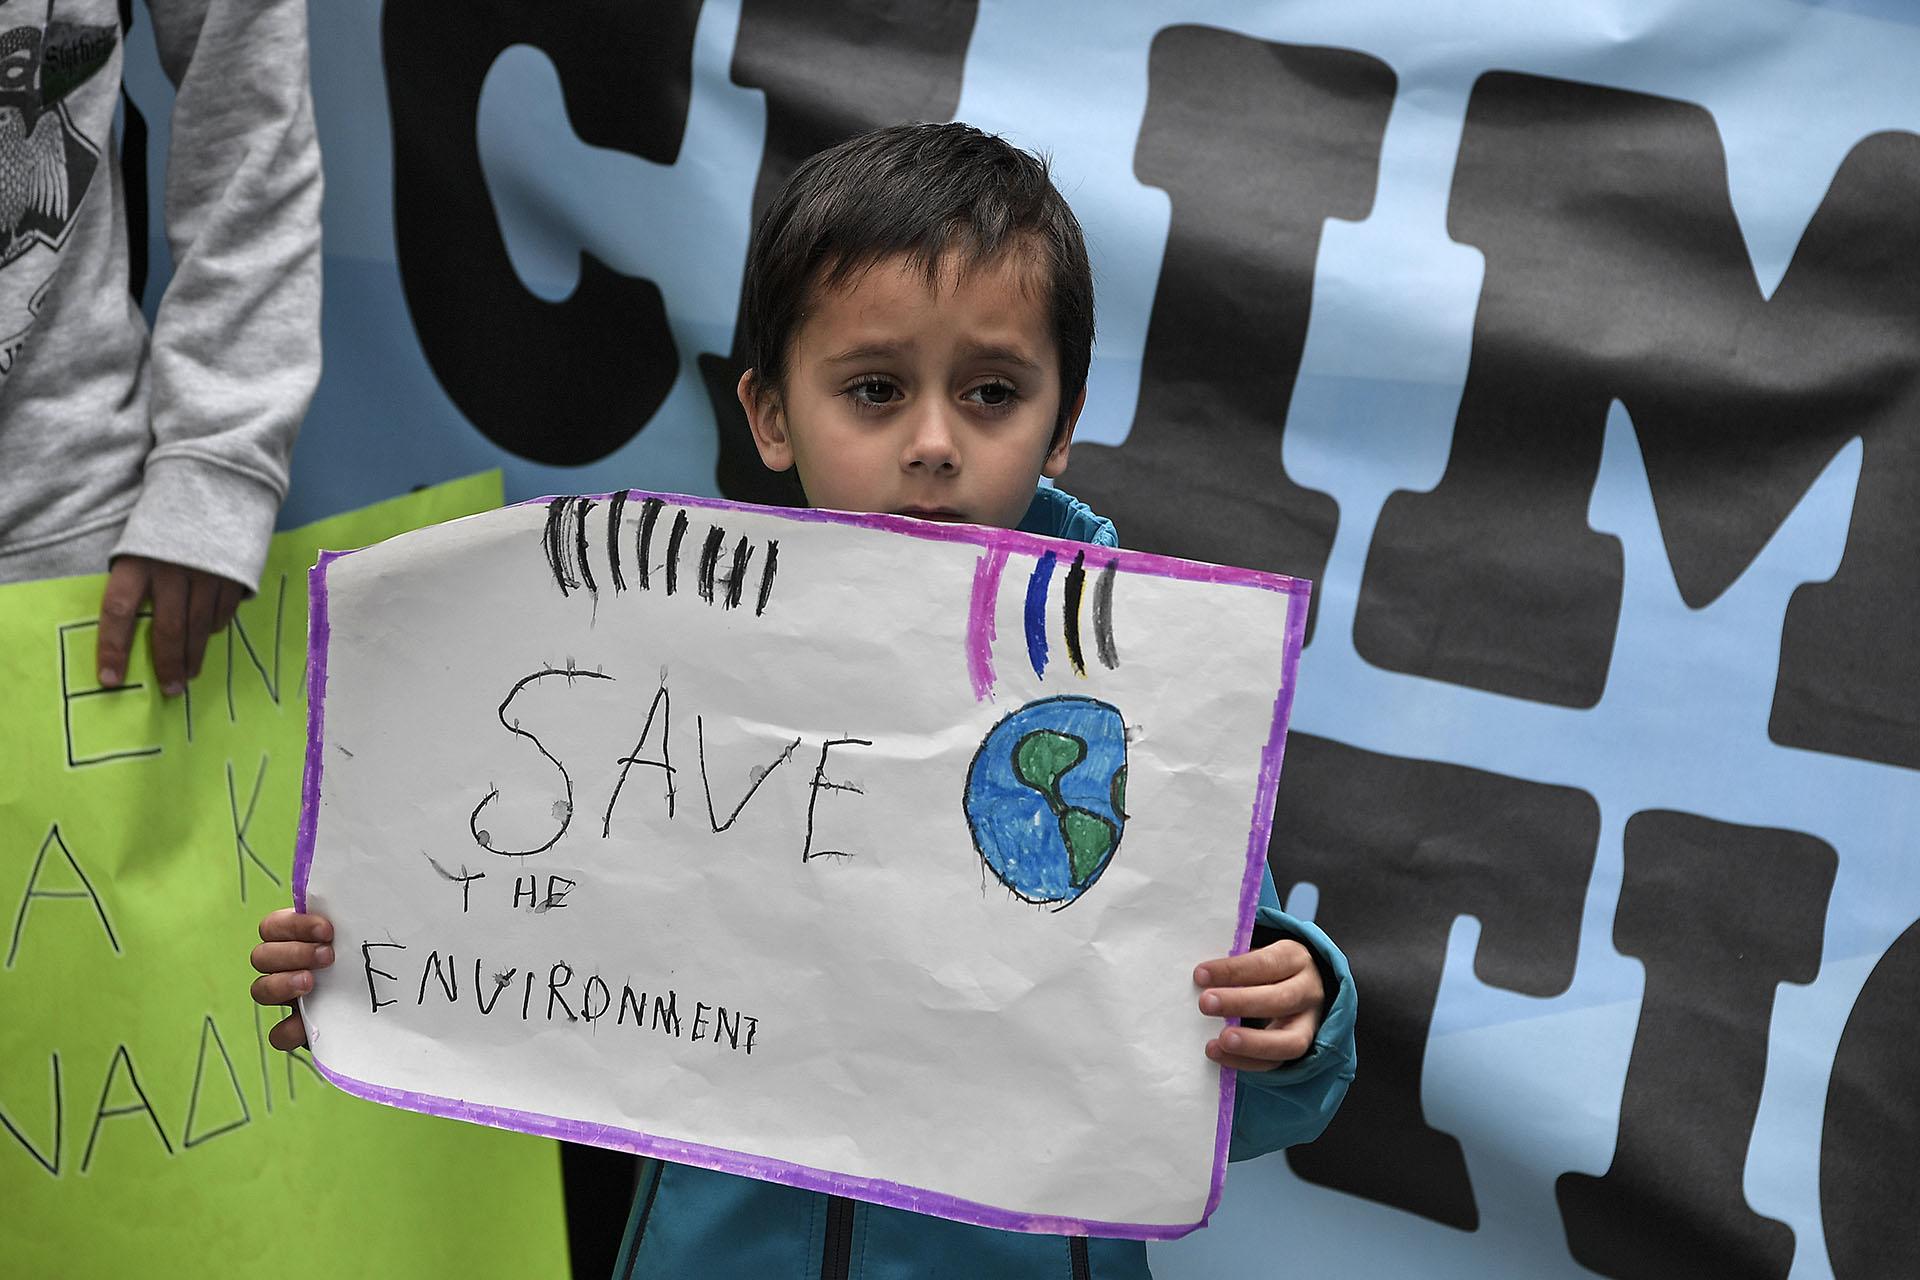 Un niño sostiene un cartel mientras participa en una manifestación contra el cambio climático en Atenas, en un día mundial de protestas estudiantiles con el objetivo de impulsar a los líderes mundiales a la acción contra el cambio climático, el 15 de marzo de 2019. - Las protestas mundiales fueron inspiradas por un adolescente sueco la activista Greta Thunberg, quien acampó frente al parlamento en Estocolmo el año pasado para exigir la acción de los líderes mundiales contra el calentamiento global. (Foto de Louisa GOULIAMAKI / AFP)